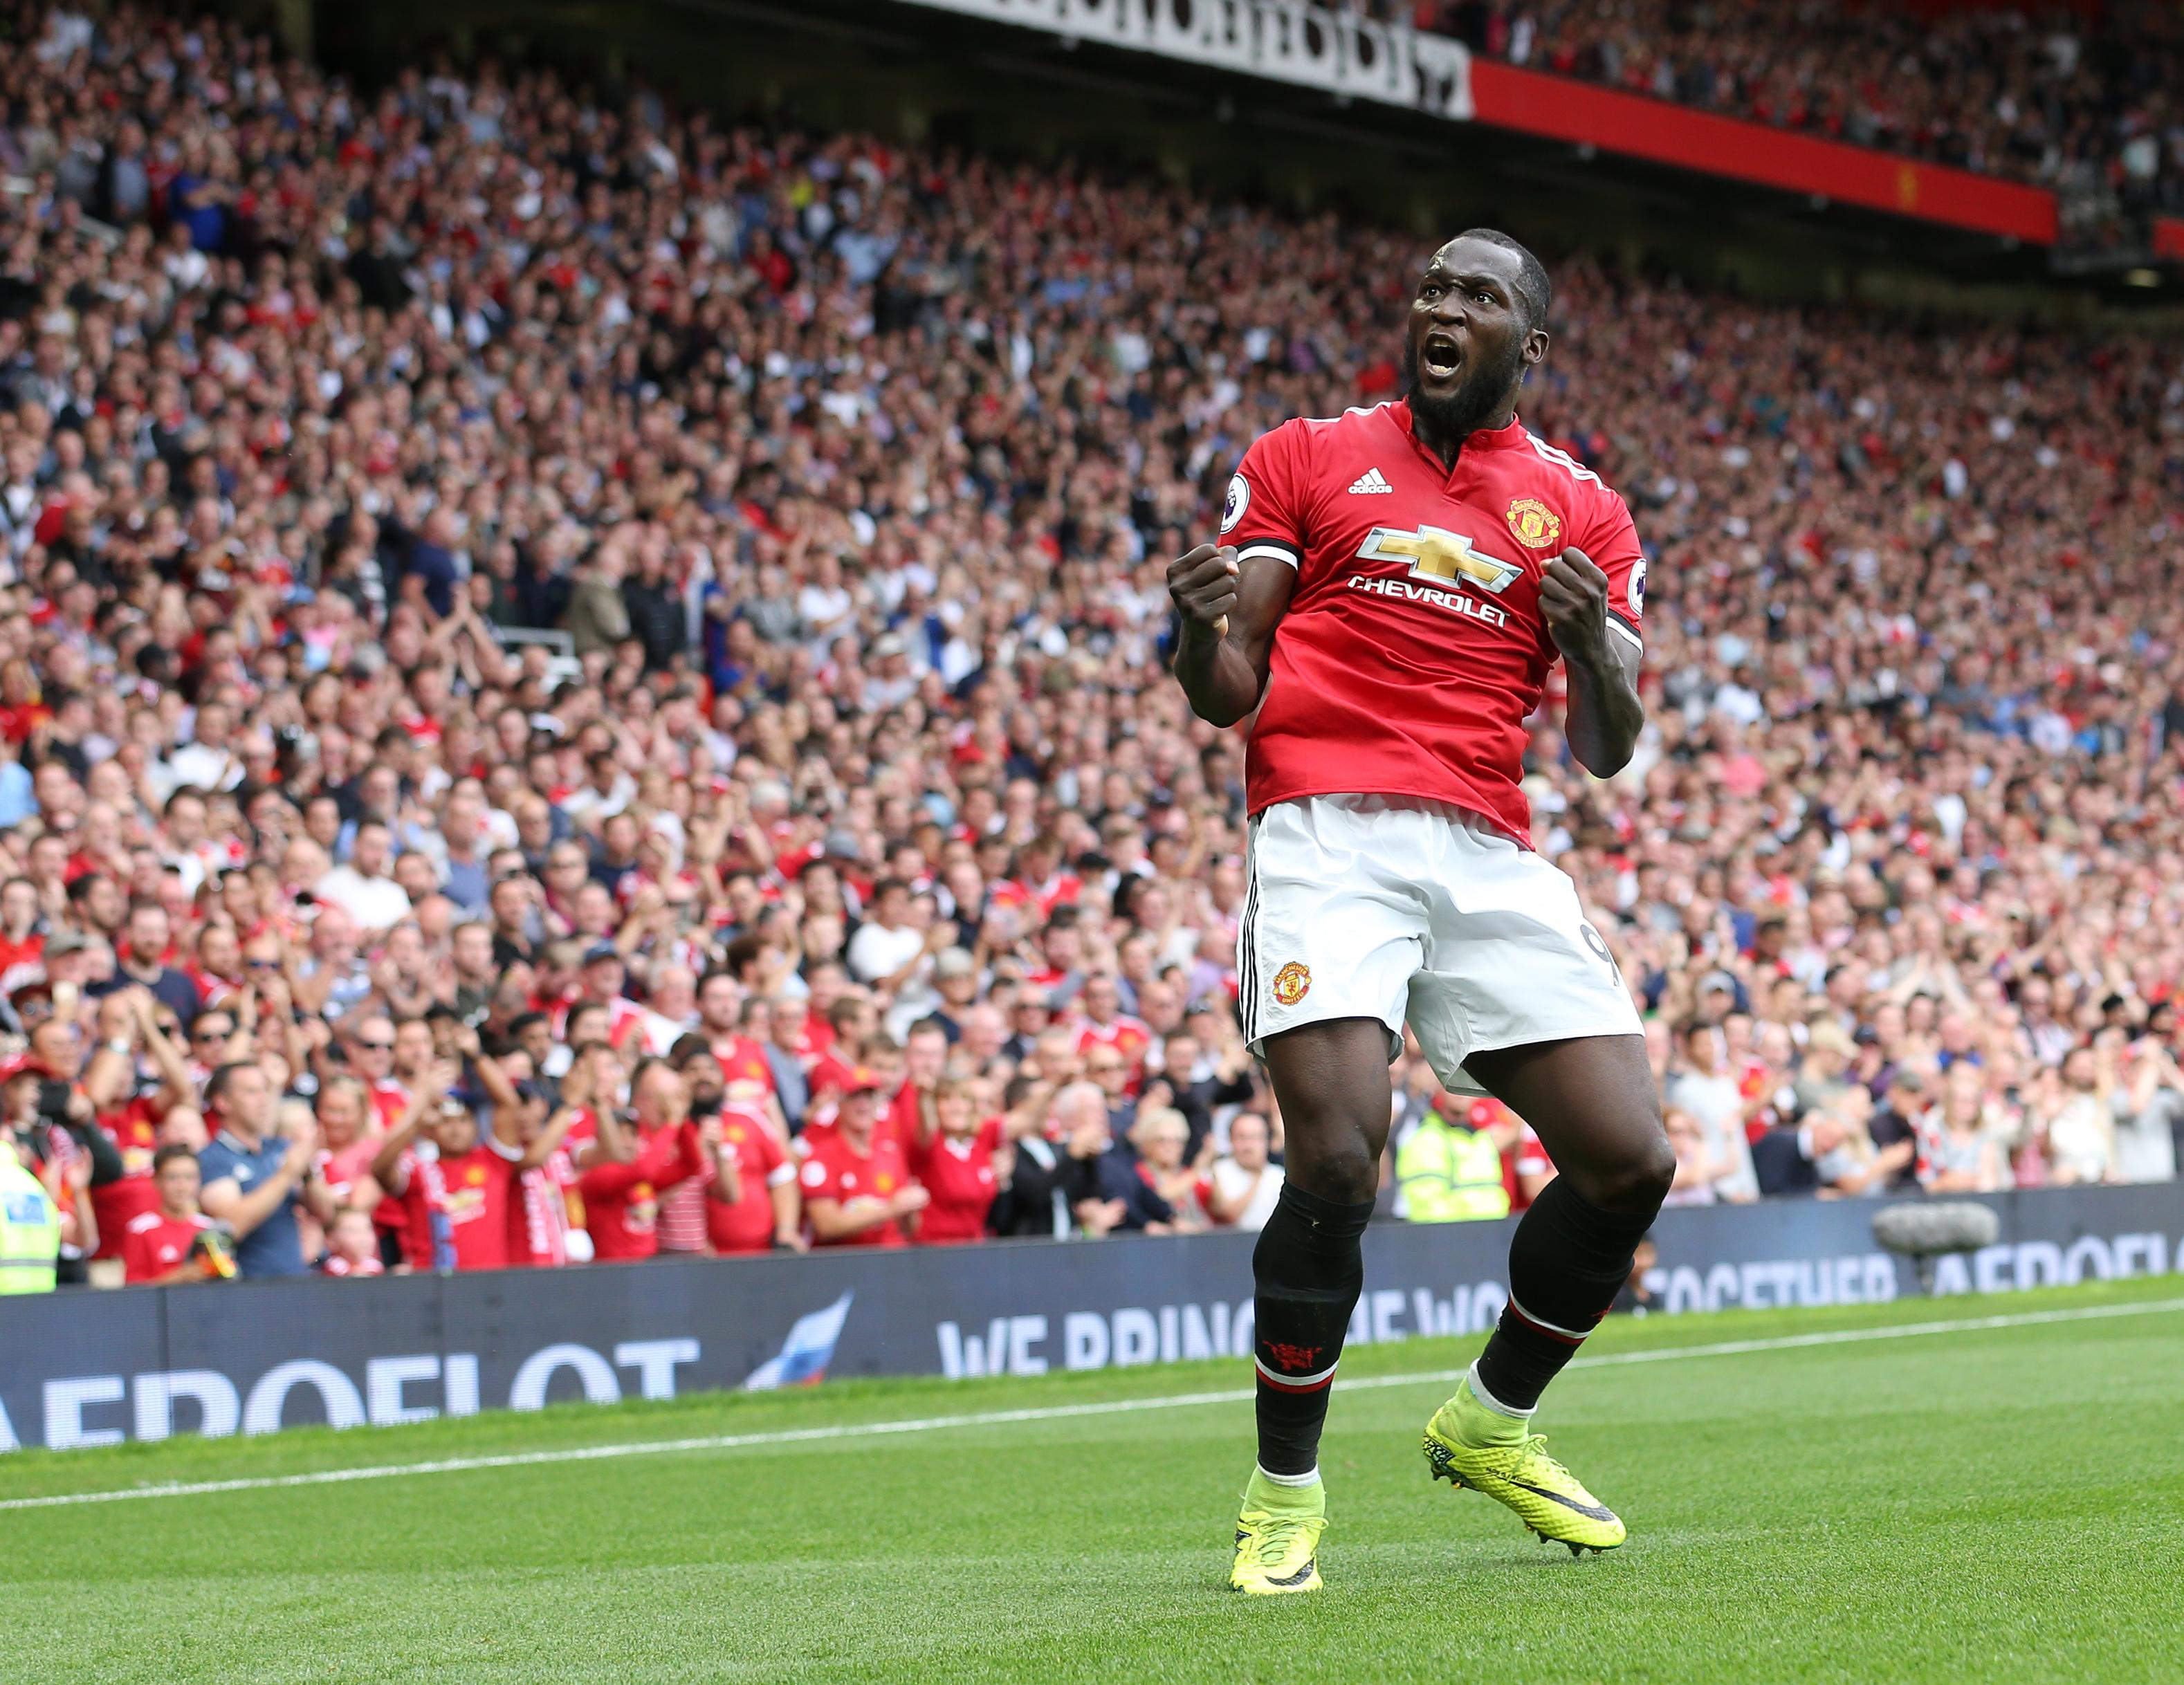 Football - Etranger - Manchester United : Lukaku a déjà fait oublier Ibrahimovic